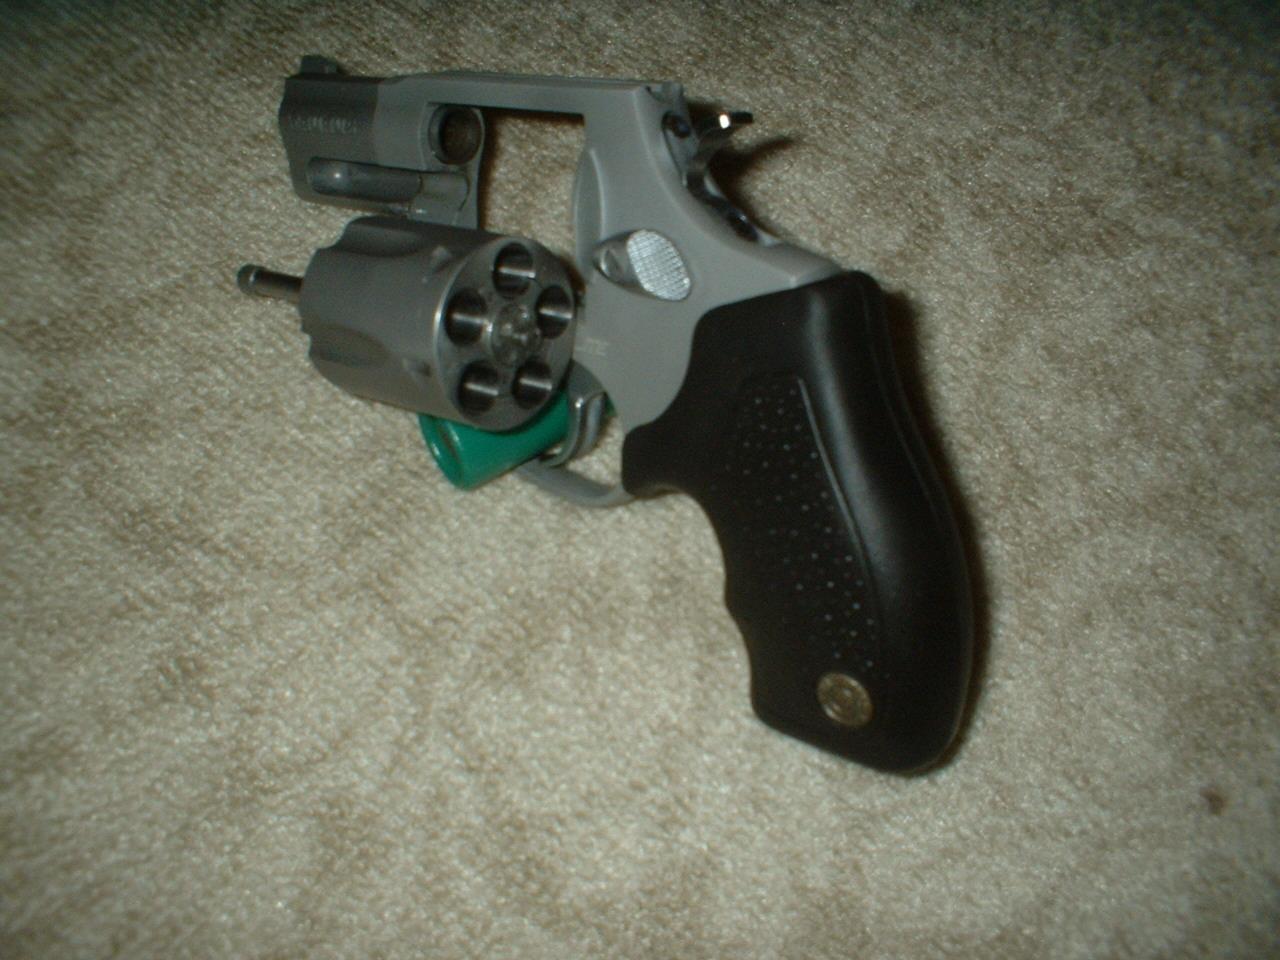 Pistolas 380 Taurus 638